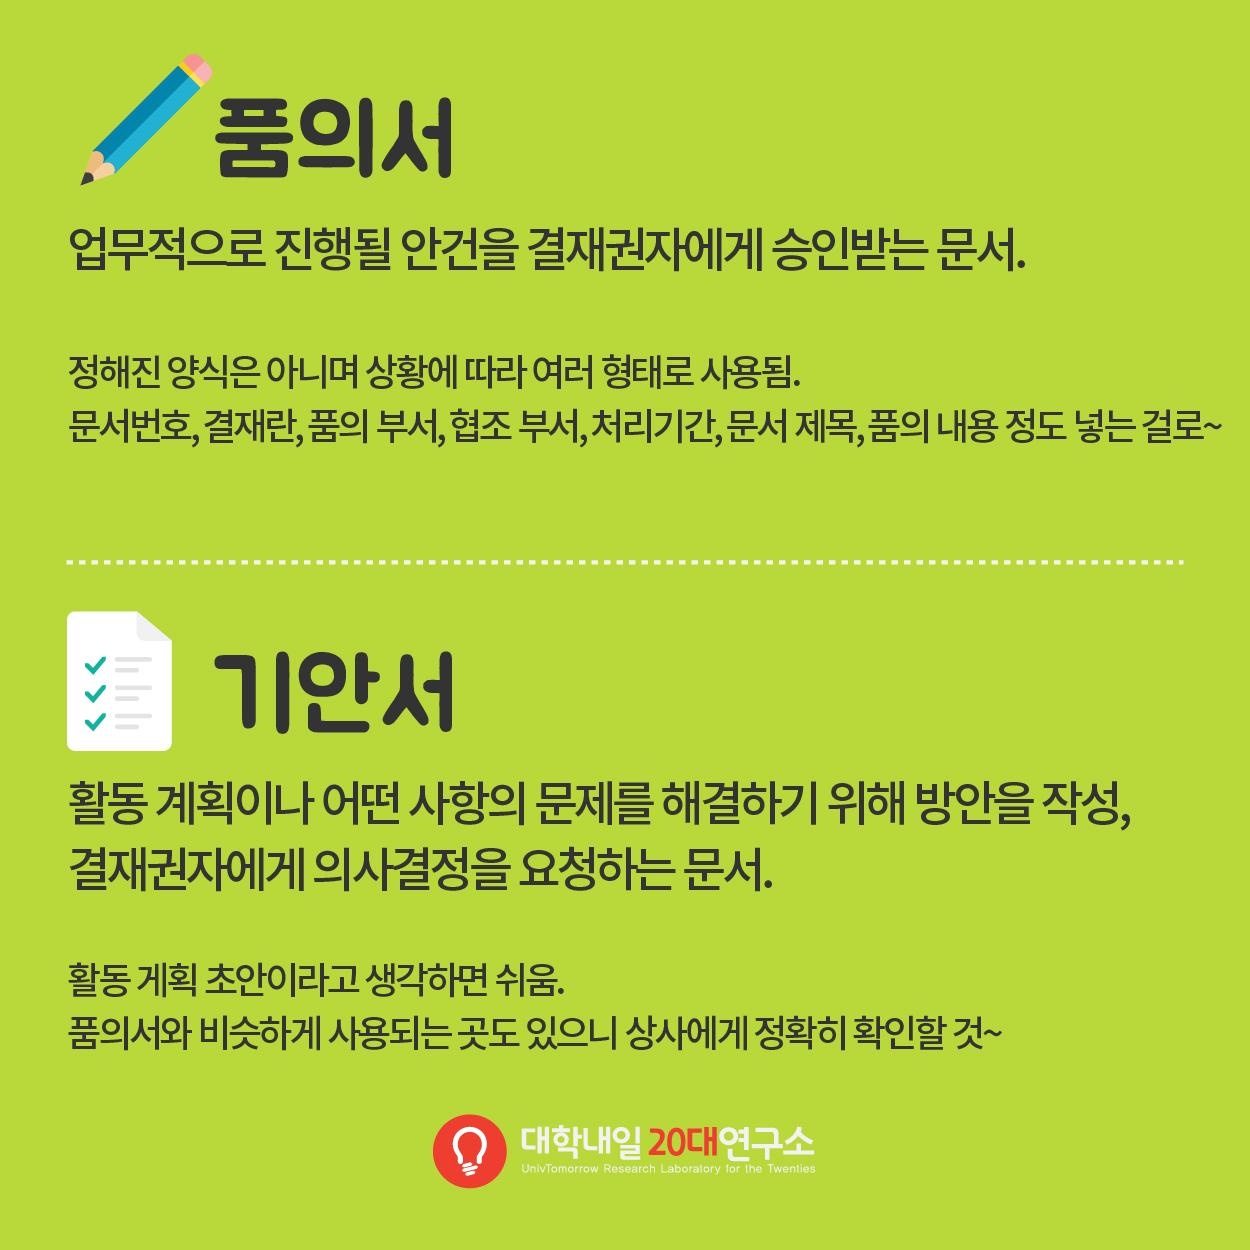 신입사원용어-02